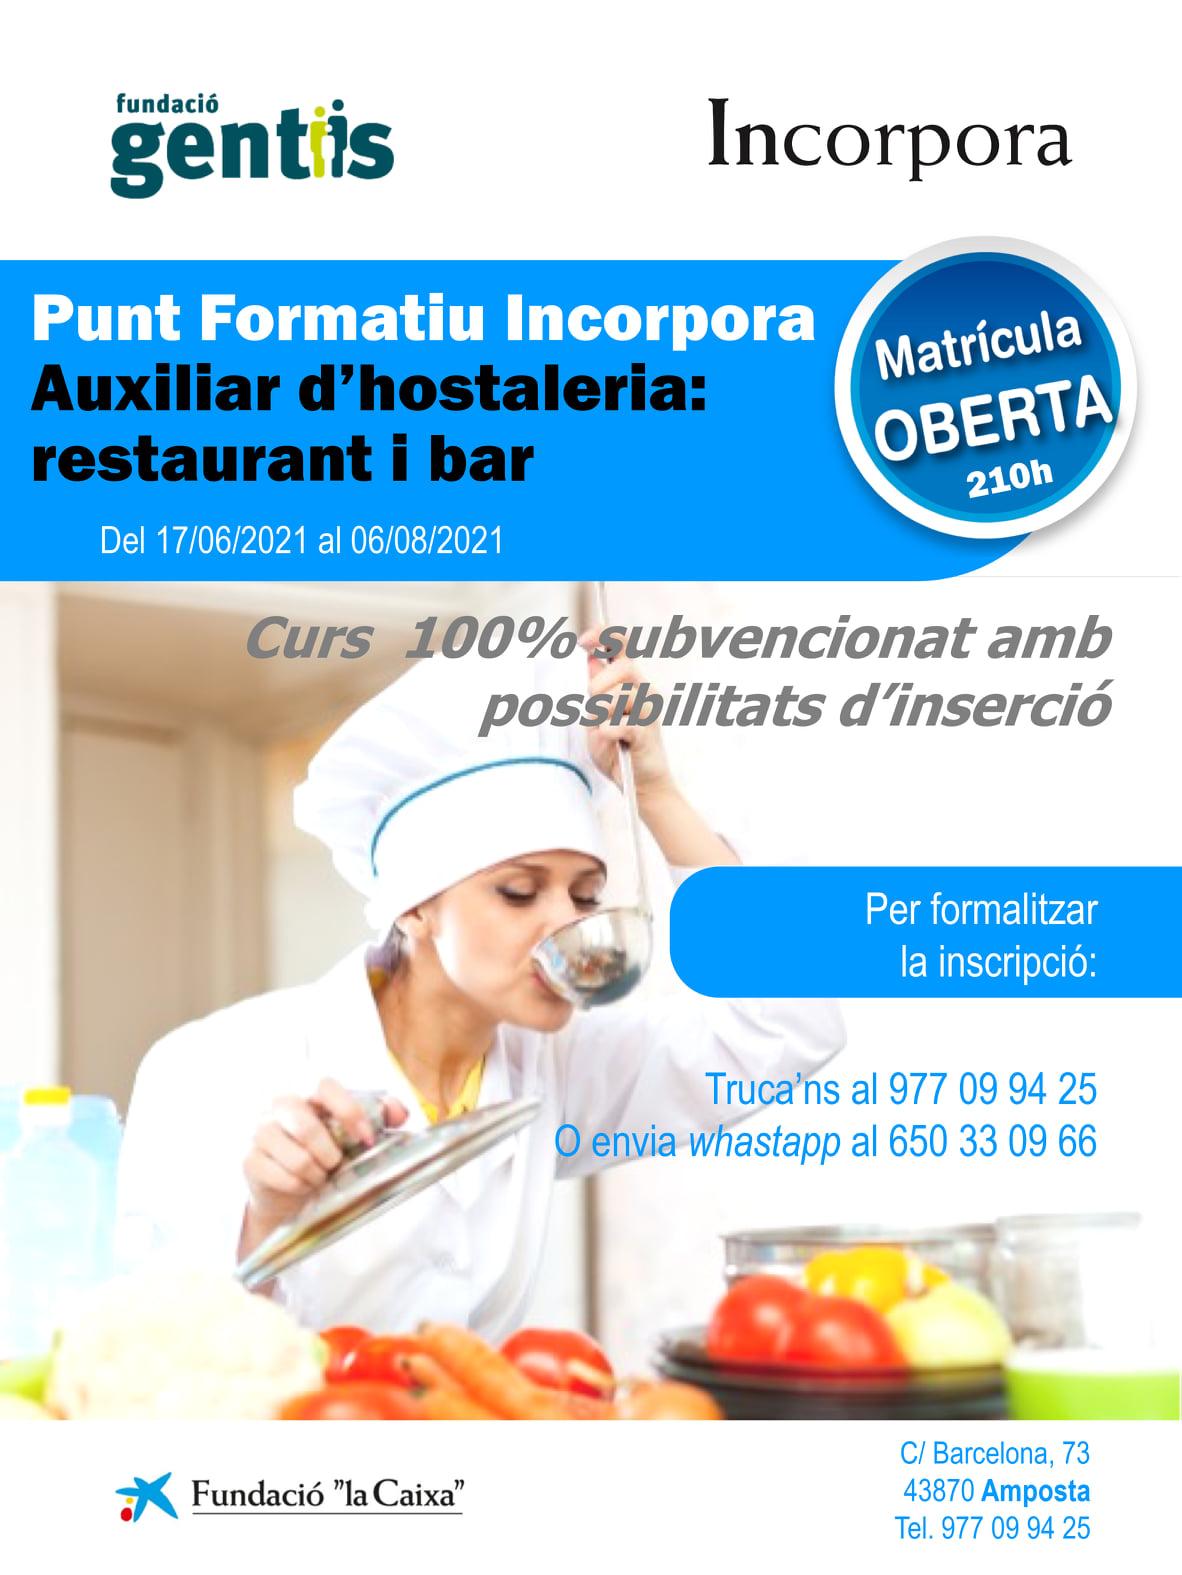 [CURS] Auxiliar d'hostaleria: restaurant i bar